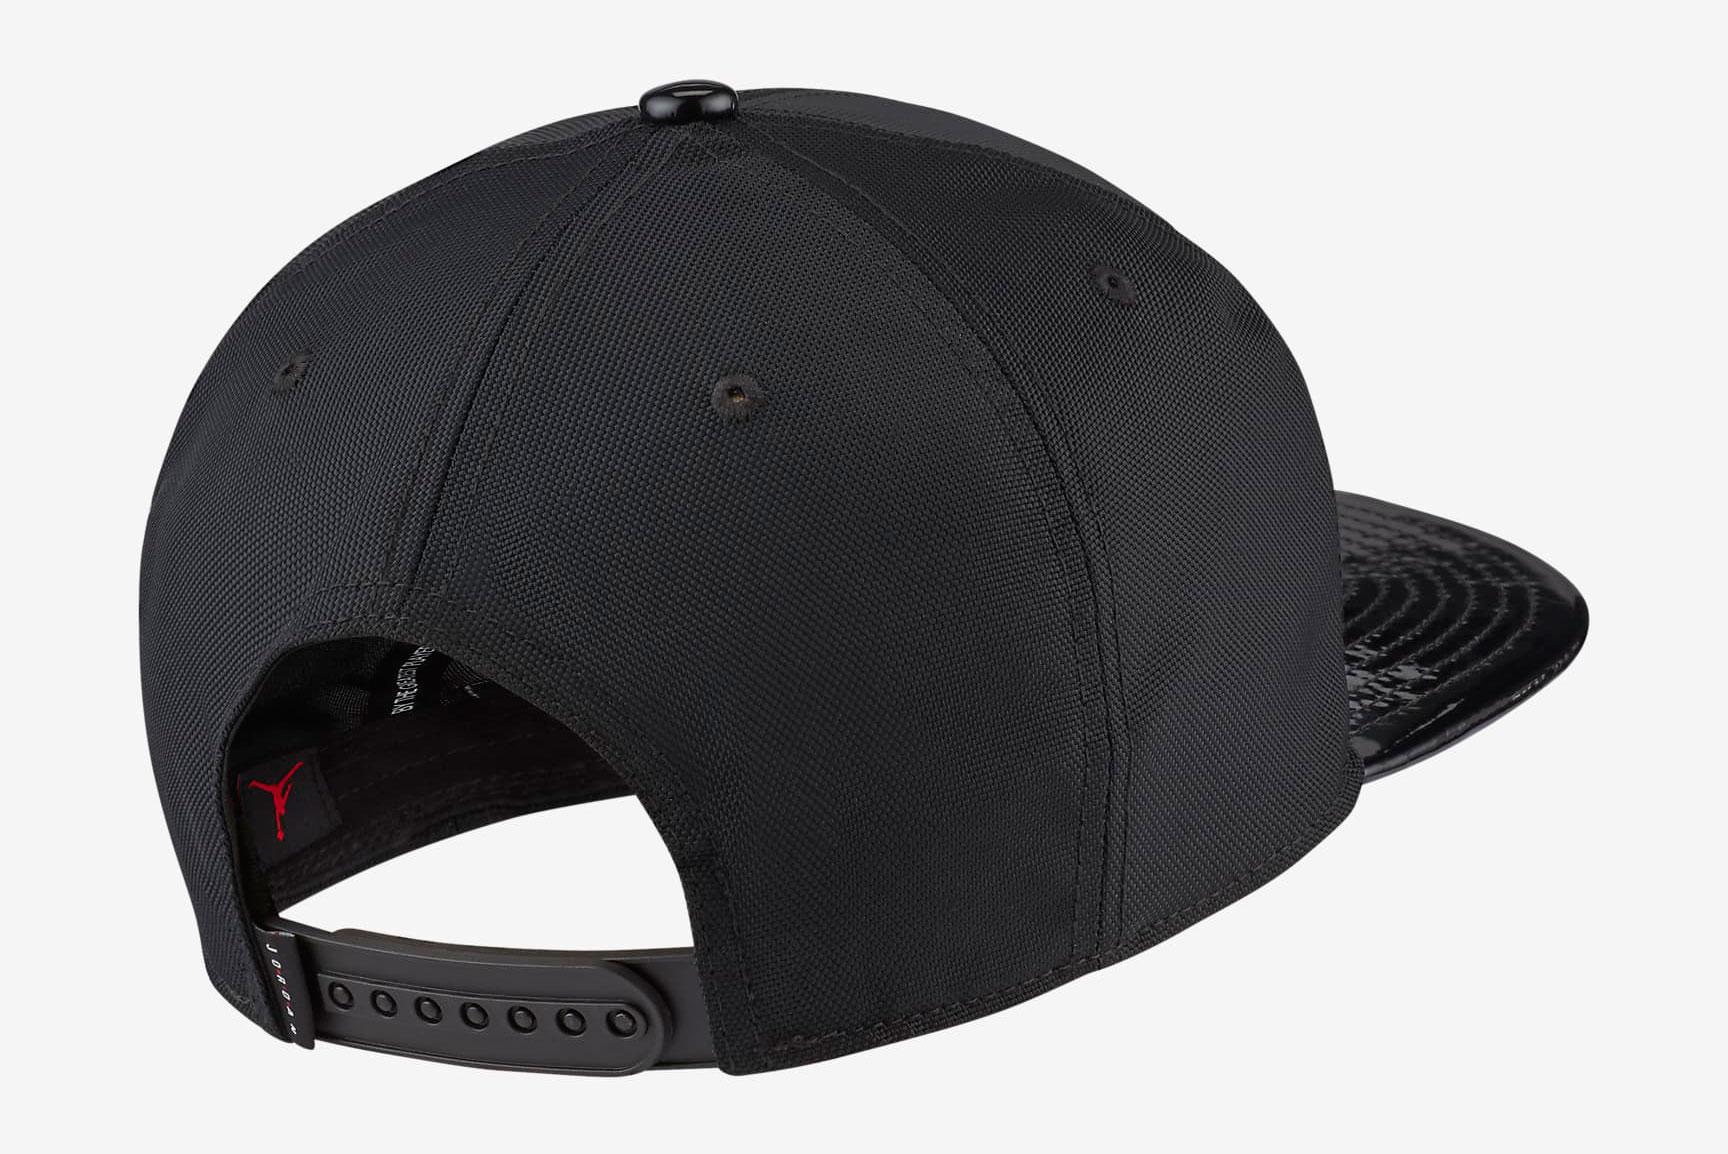 air-jordan-11-jubilee-25th-anniversary-hat-2